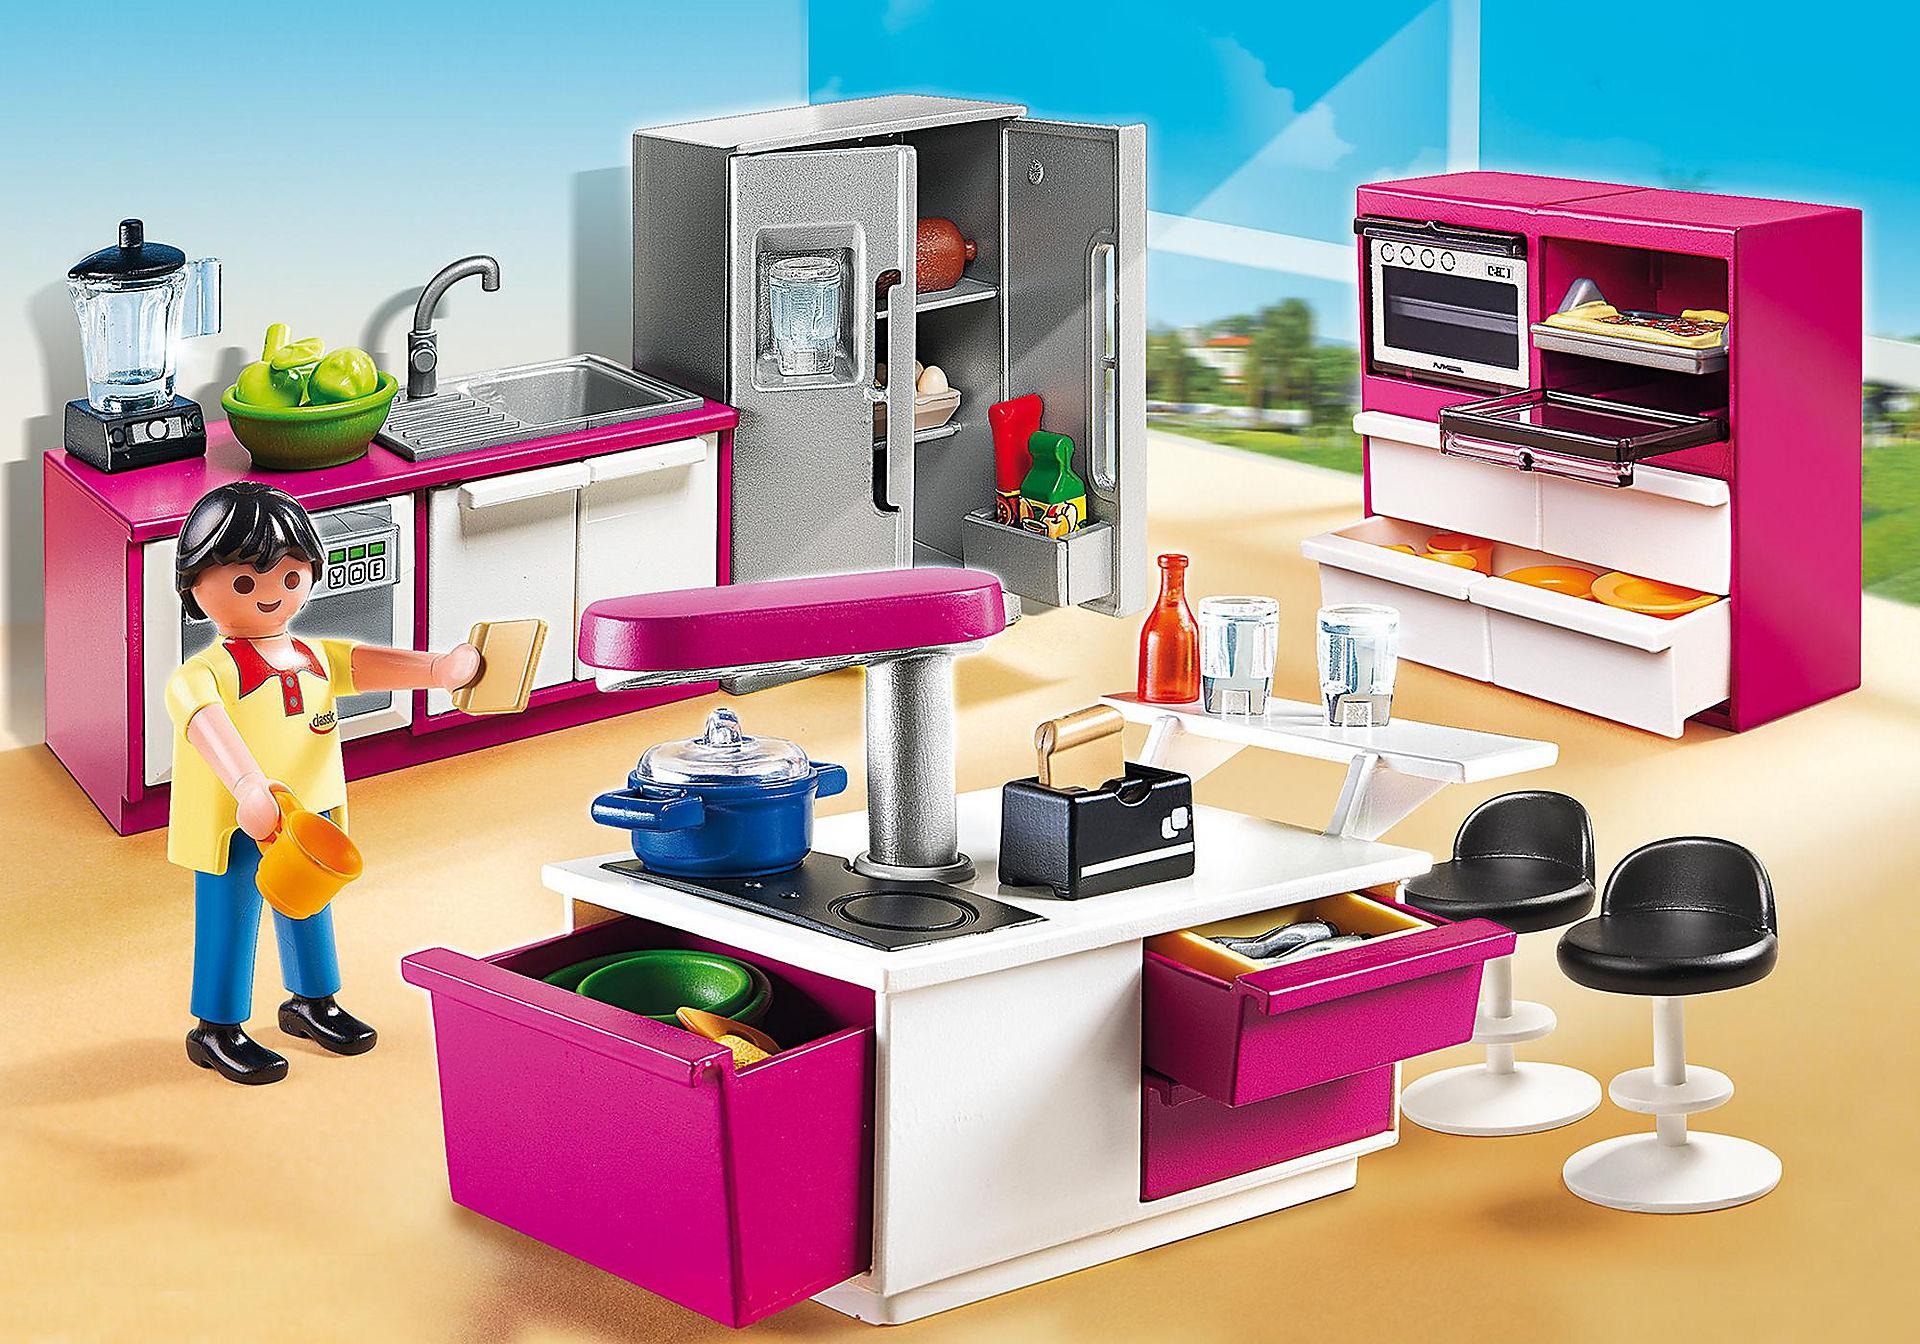 Cuisine avec îlot - 5582 - PLAYMOBIL® France